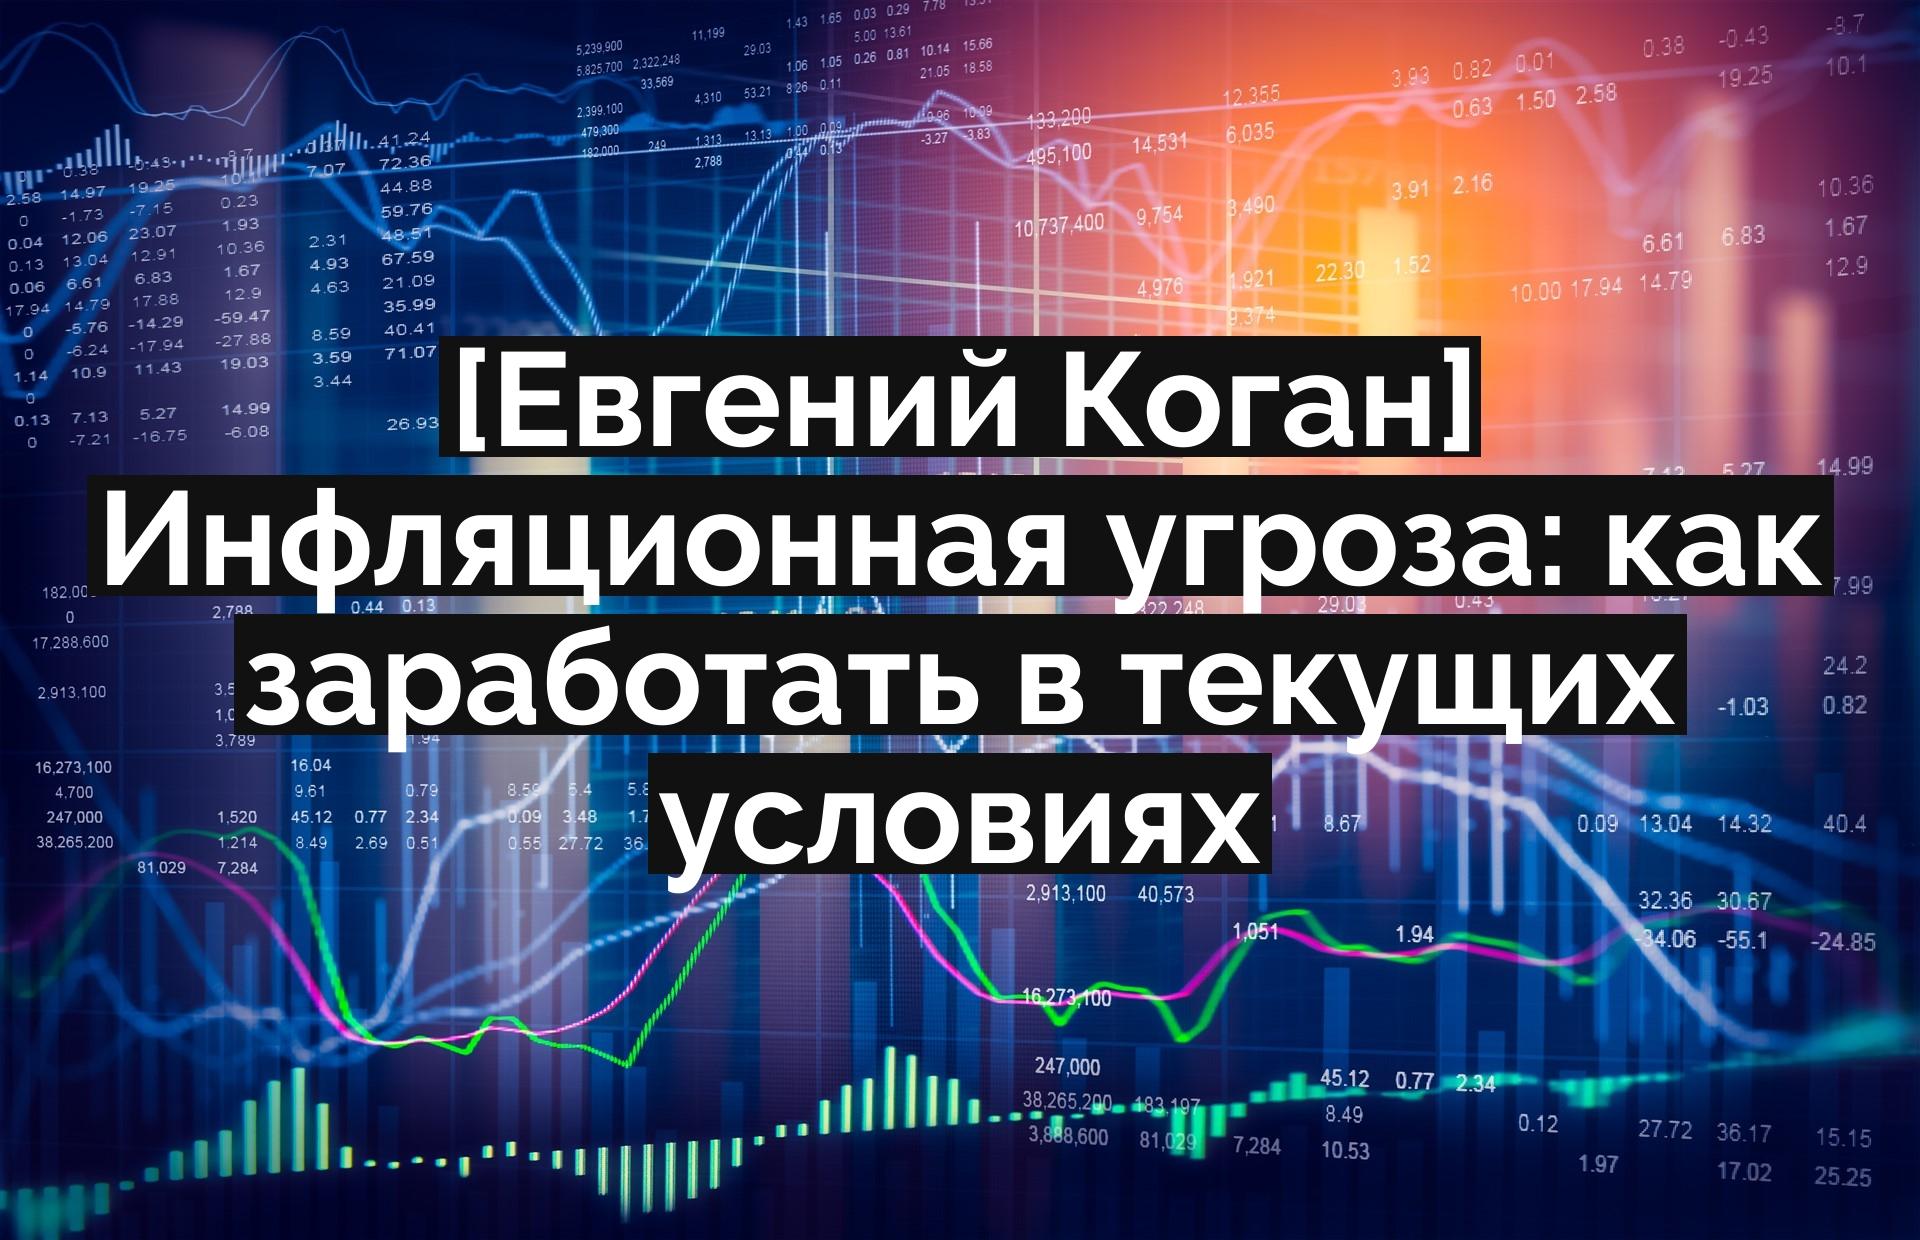 [Евгений Коган] Инфляционная угроза: как заработать в текущих условиях